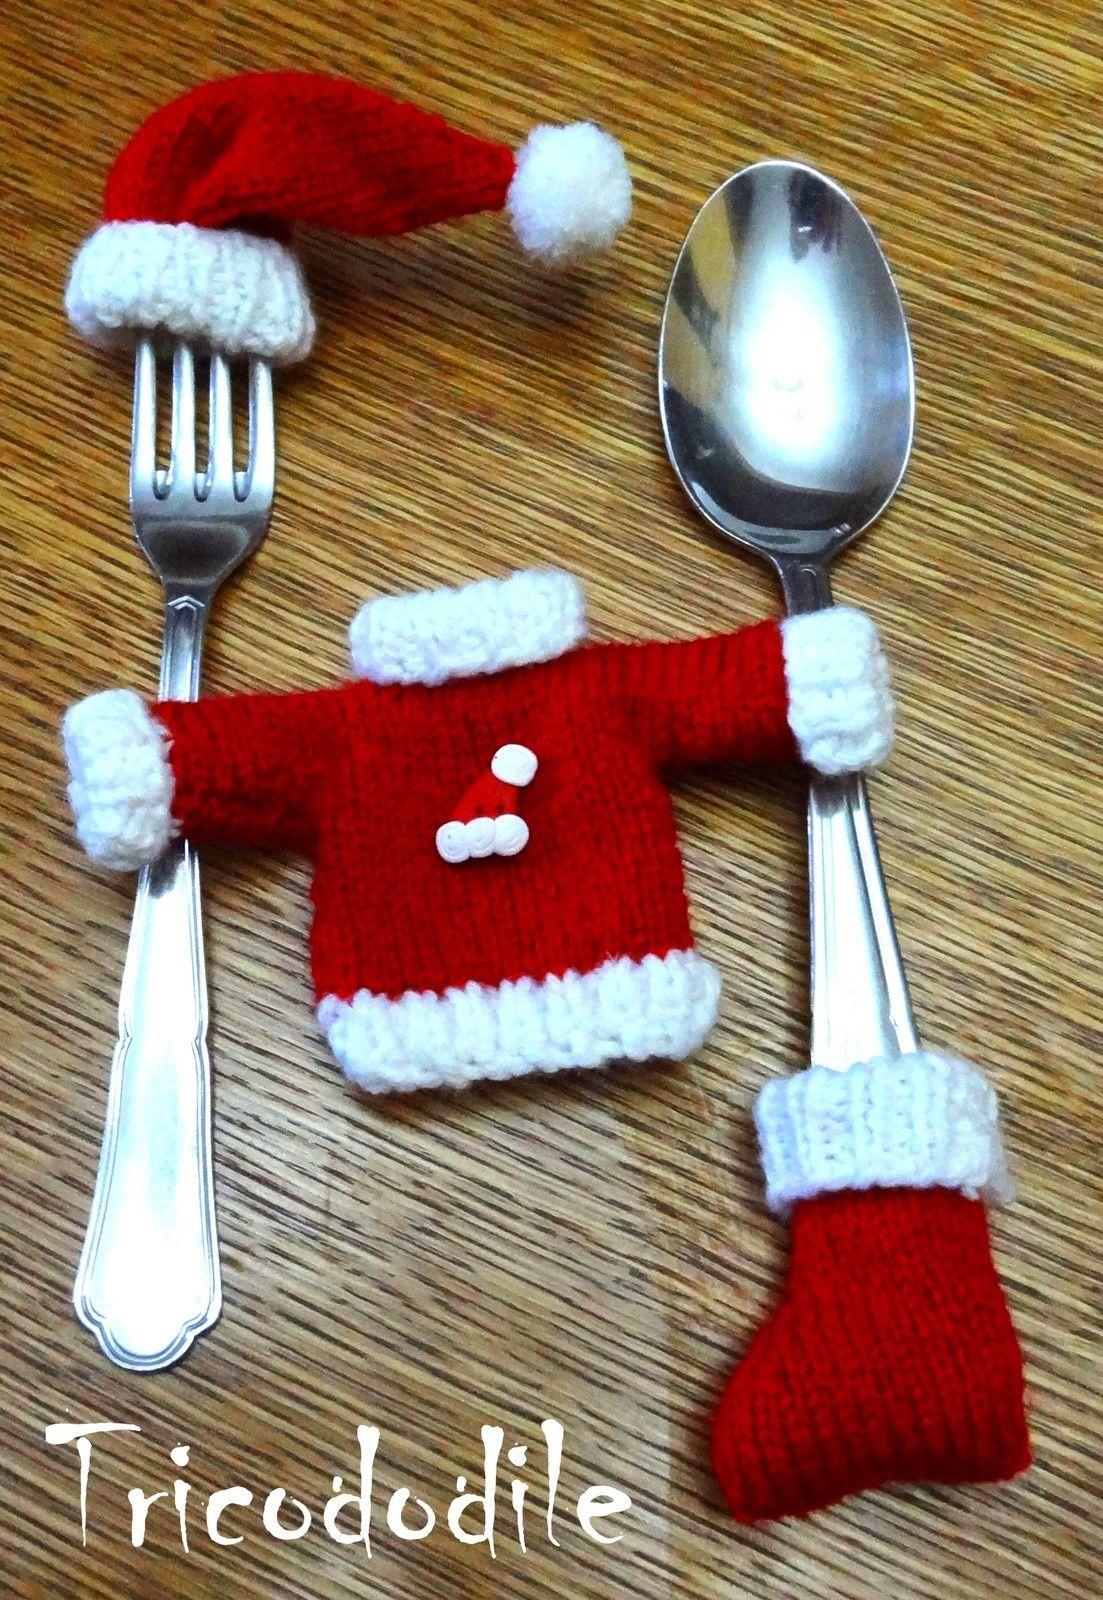 la botte et le bonnet de no l miniature tricot le tuto gratuit crochet no l miniature. Black Bedroom Furniture Sets. Home Design Ideas